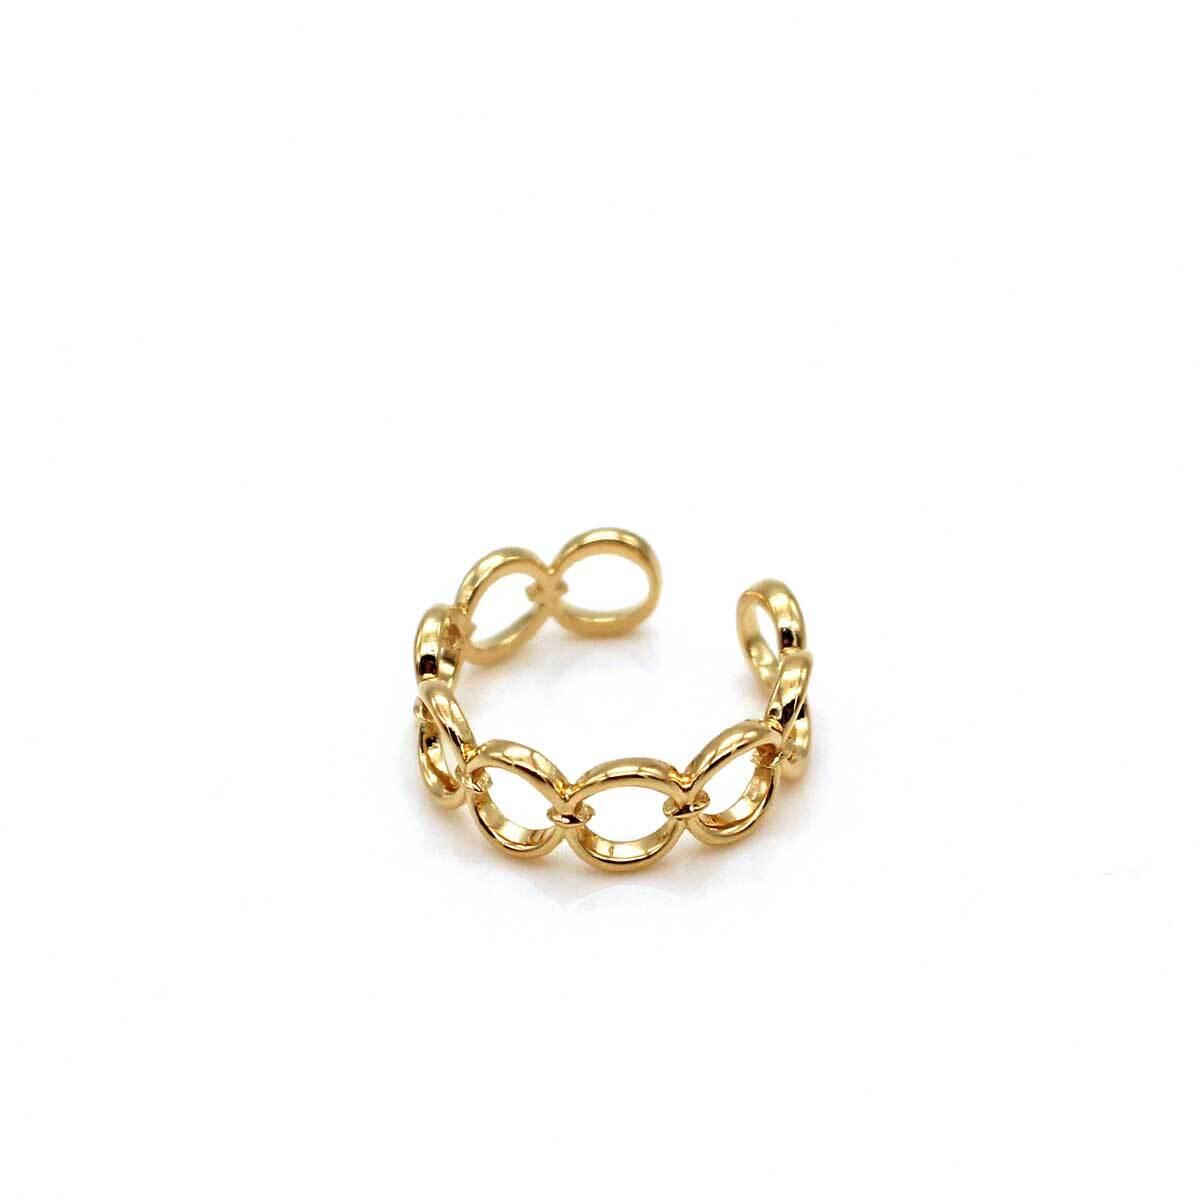 Omega Ear cuff / ring